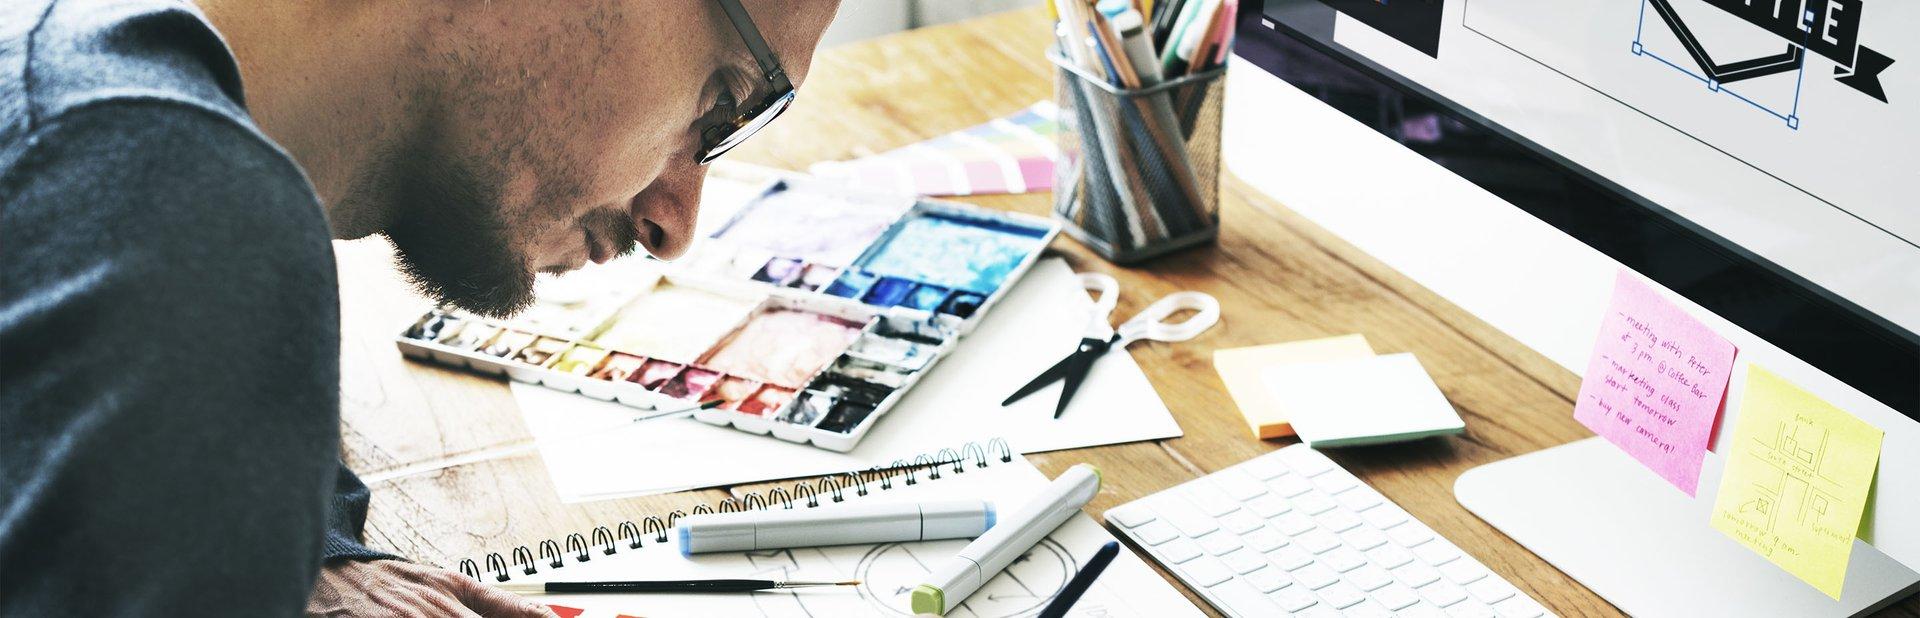 curso diseno gráfico publicitario online